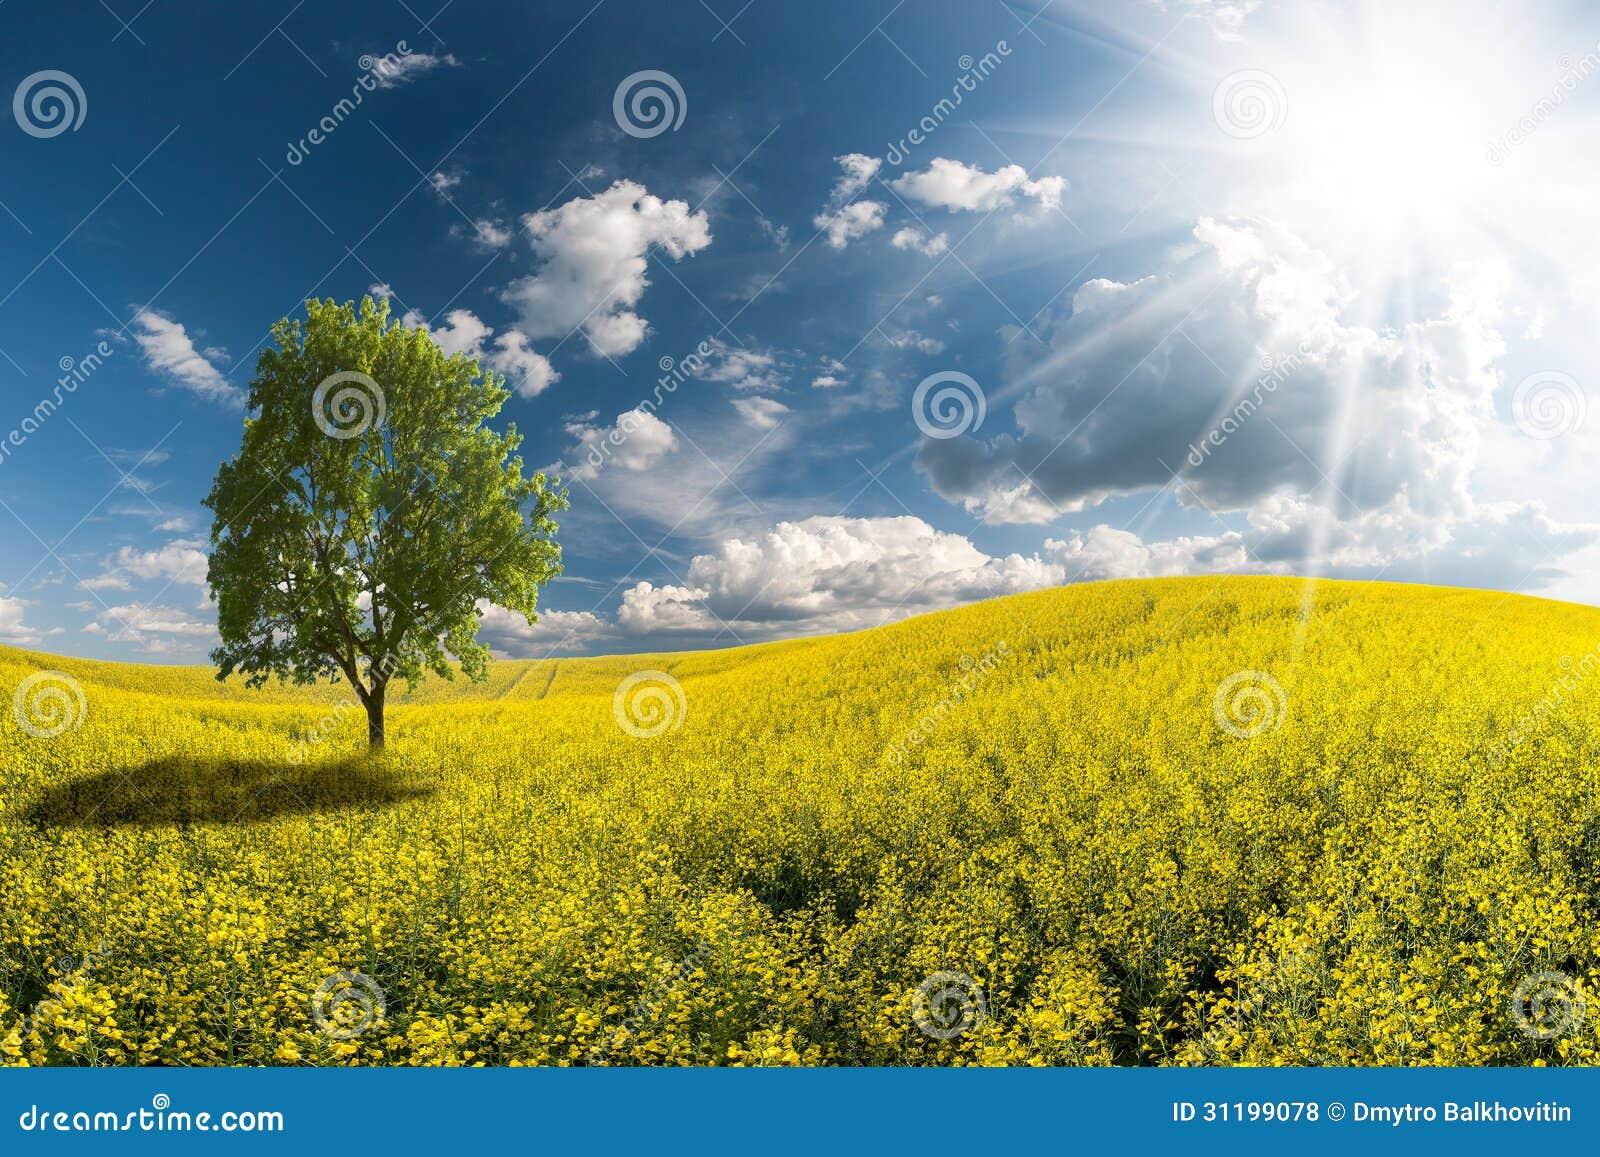 beautiful yellow field landscape - photo #24